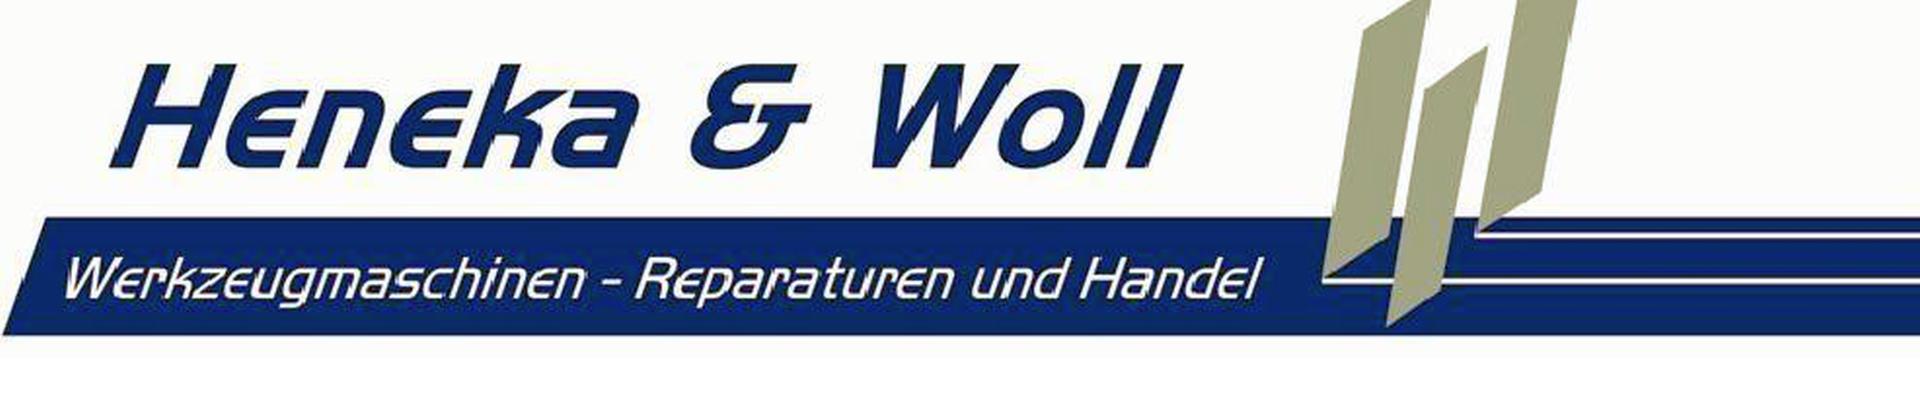 Henekea & Woll Werkzeugmaschinen - Reparatur & Handel Ubstadt-Weiher